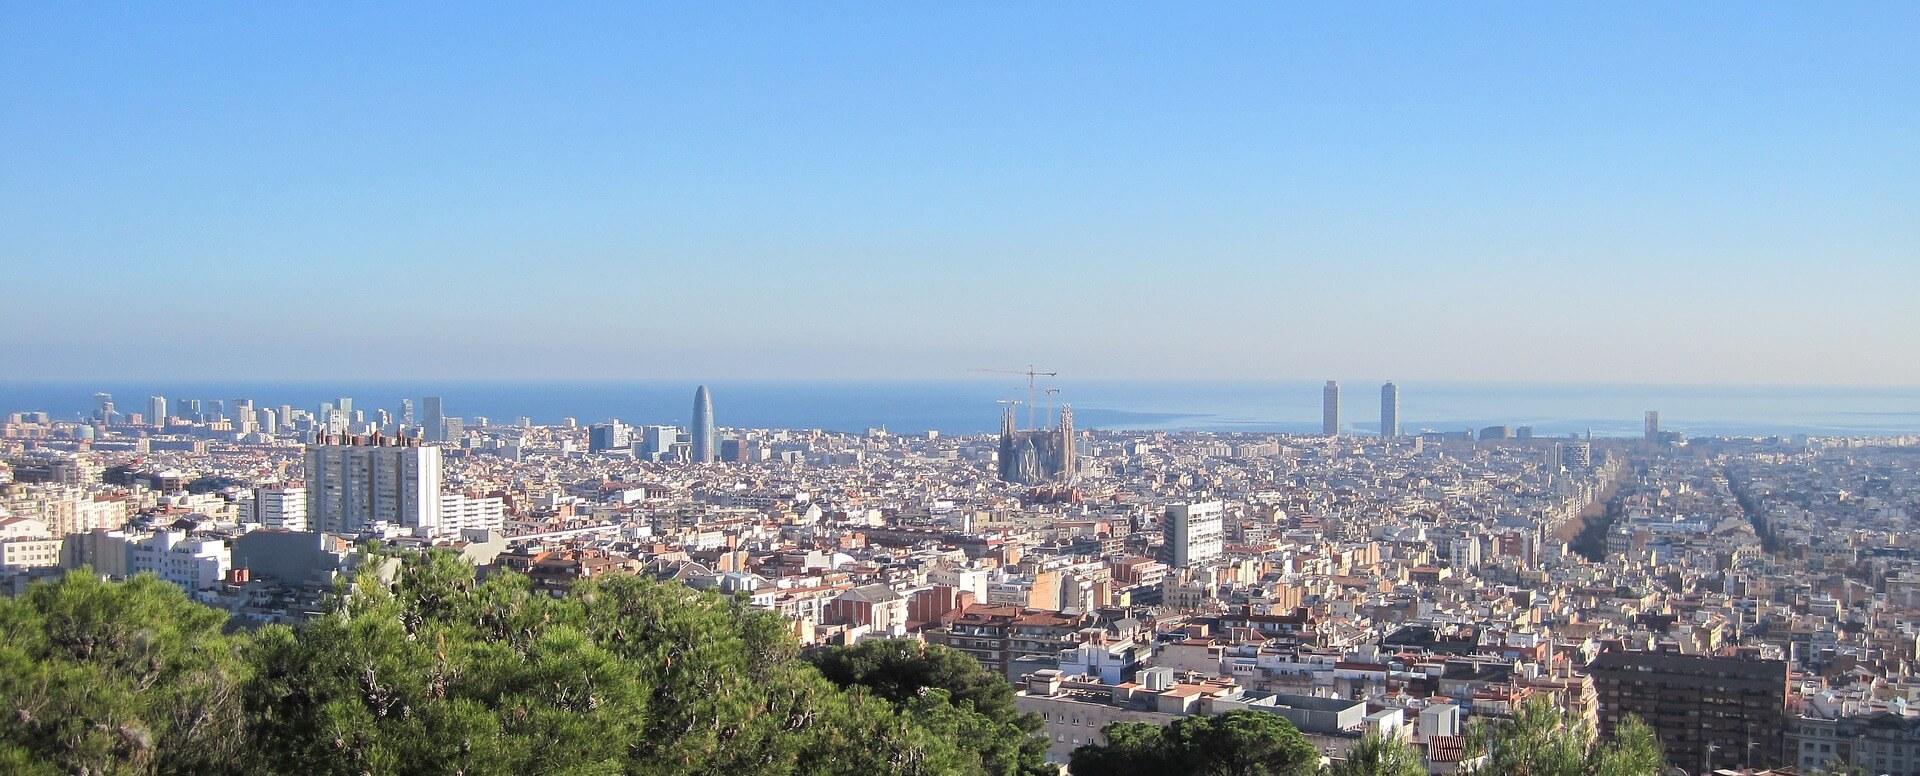 10 choses à faire à Barcelone - Barcelone